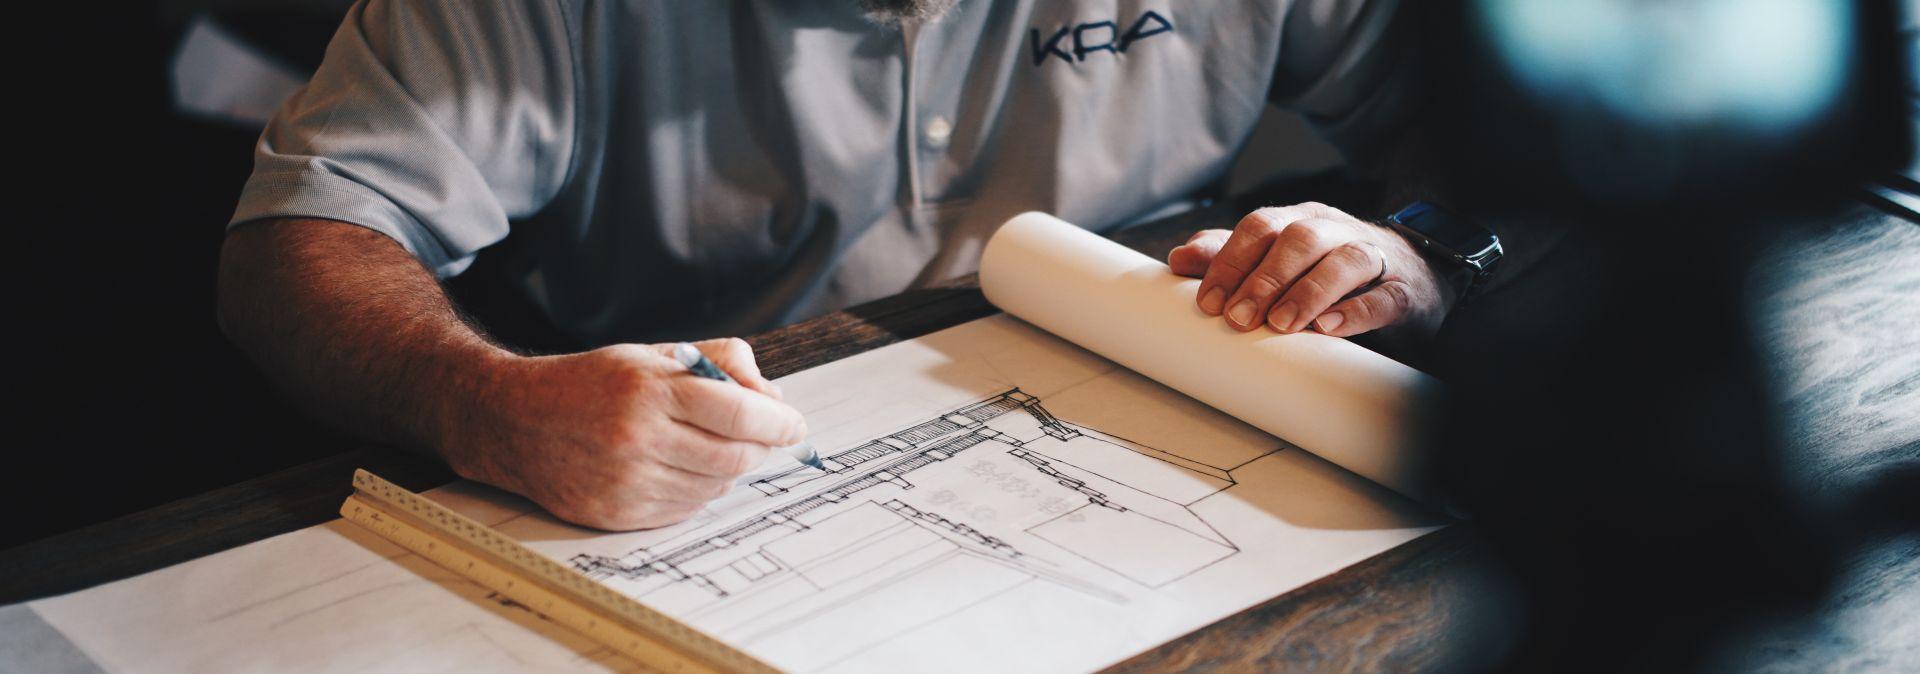 technischer bauzeichner tragwerksplanung m w nrw die. Black Bedroom Furniture Sets. Home Design Ideas